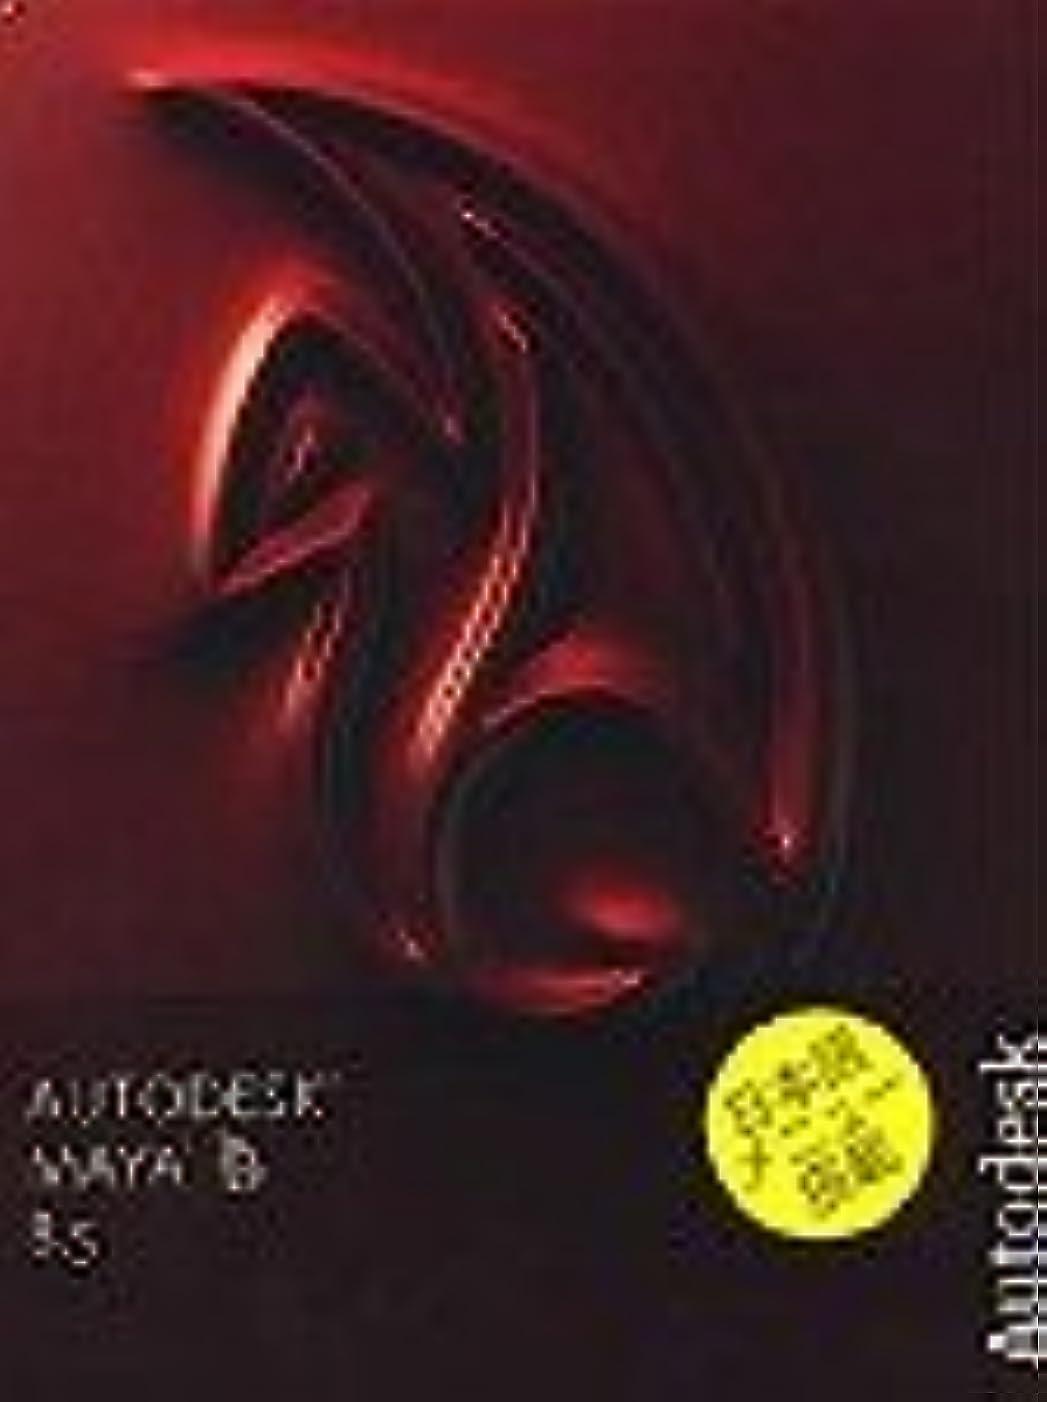 不明瞭貫通する怪しいAutodesk Maya Complete 8.5 商用版 新規 Nodelock (Serialized Model)